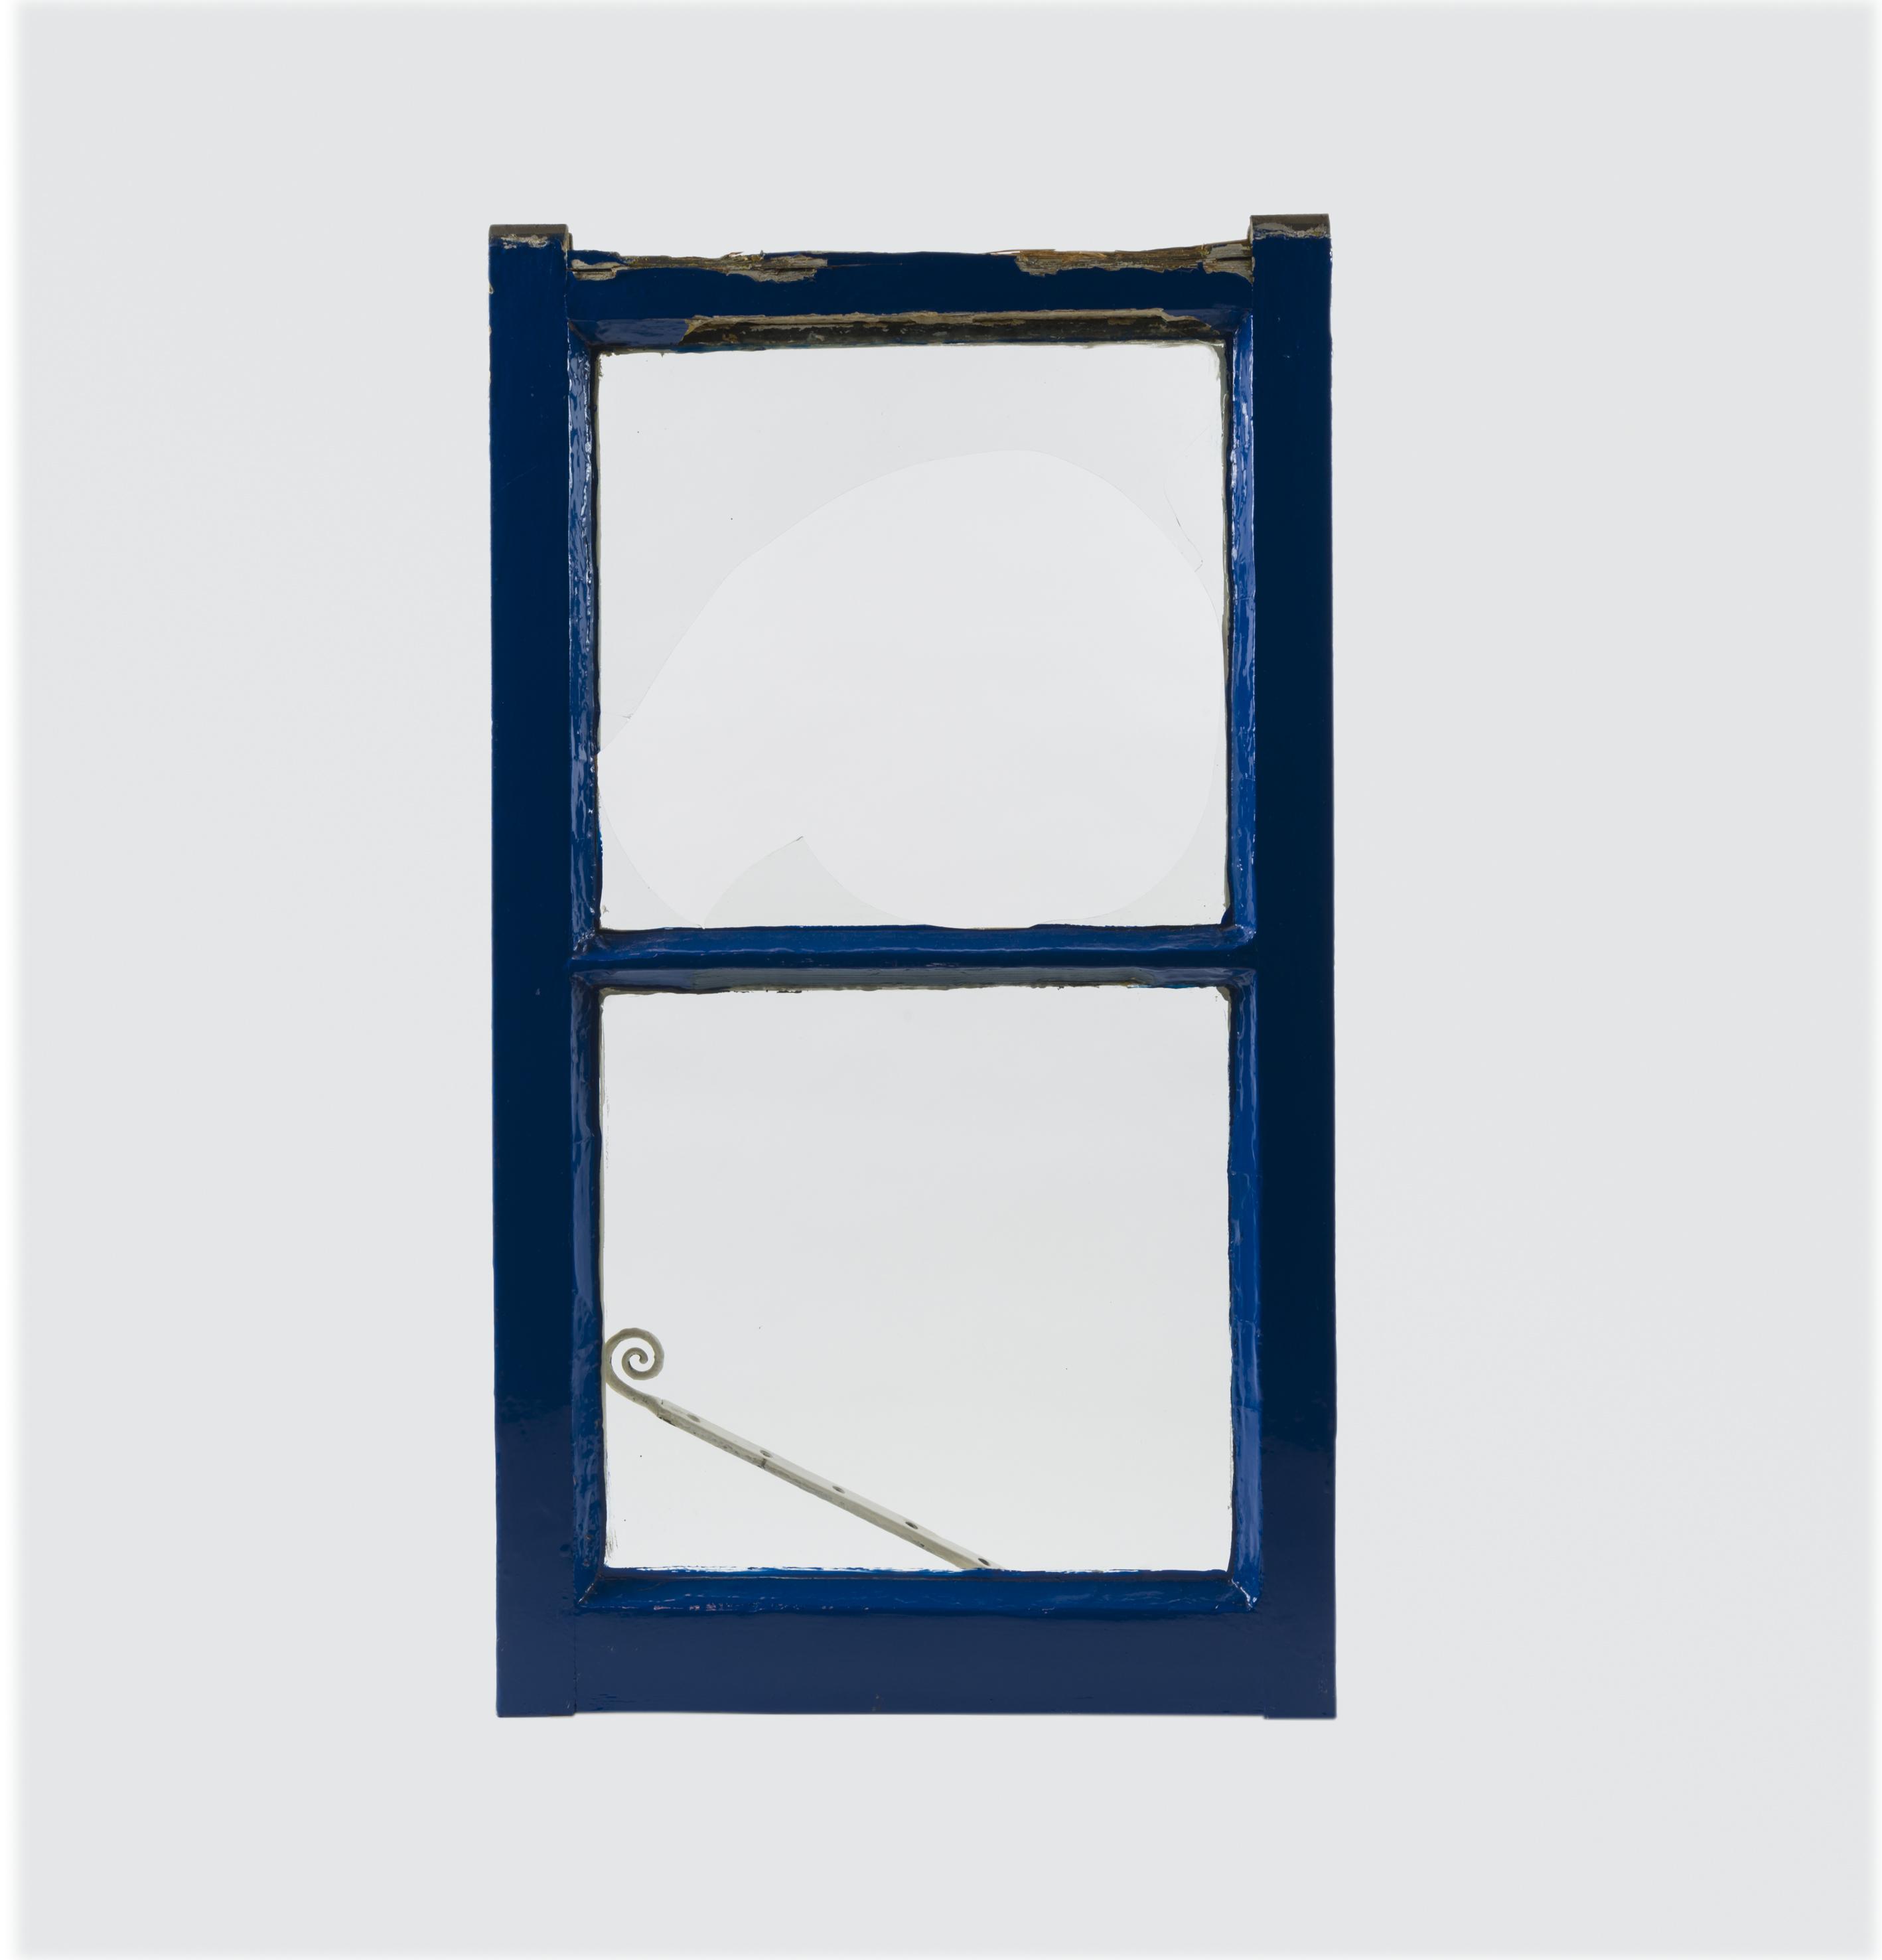 Blauw raam kozijn